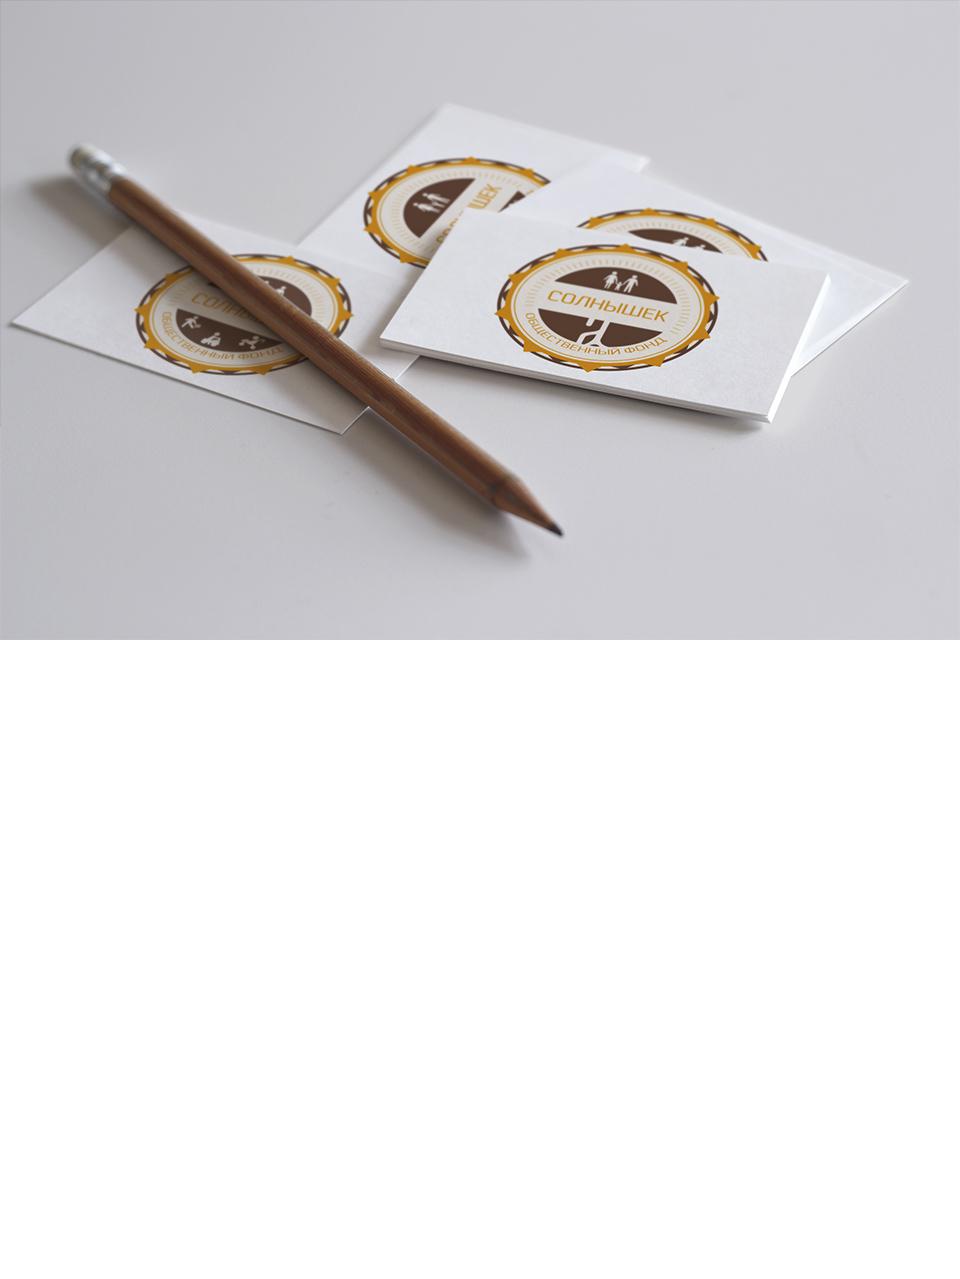 Разработка логотипа -  Общественный фонд СОЛНЫШЕК